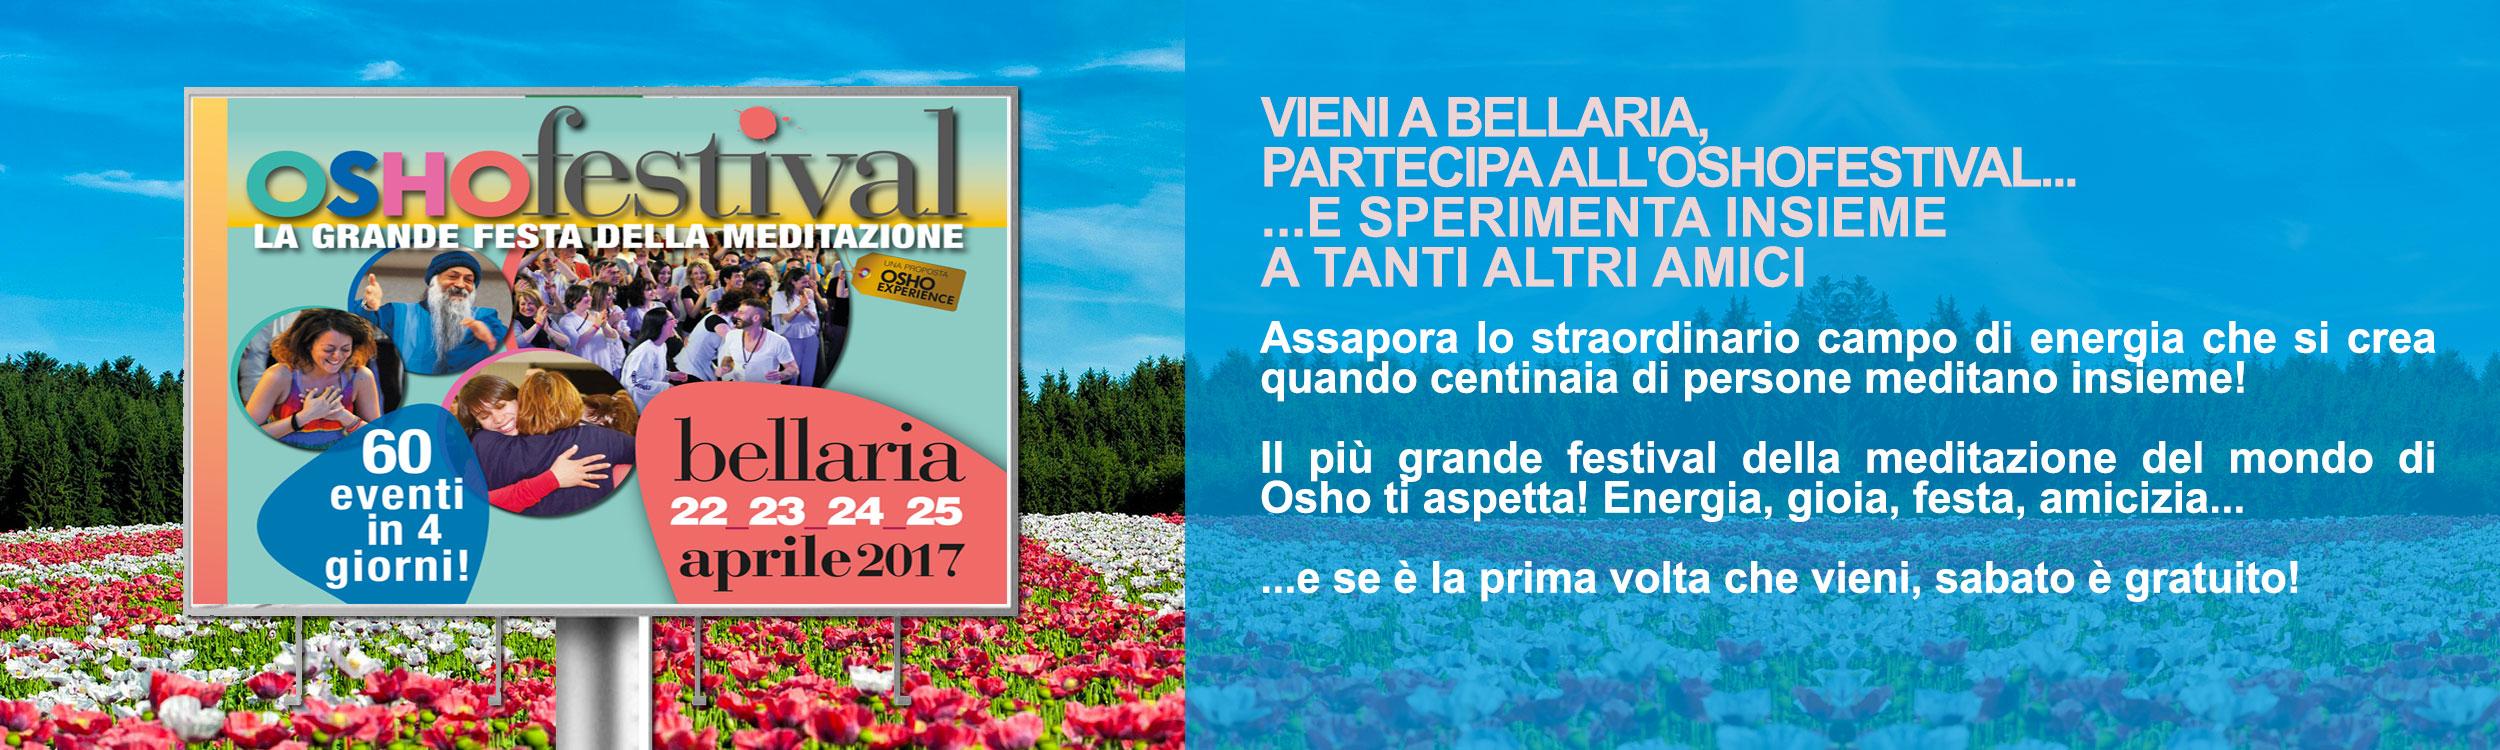 banner-bellaria